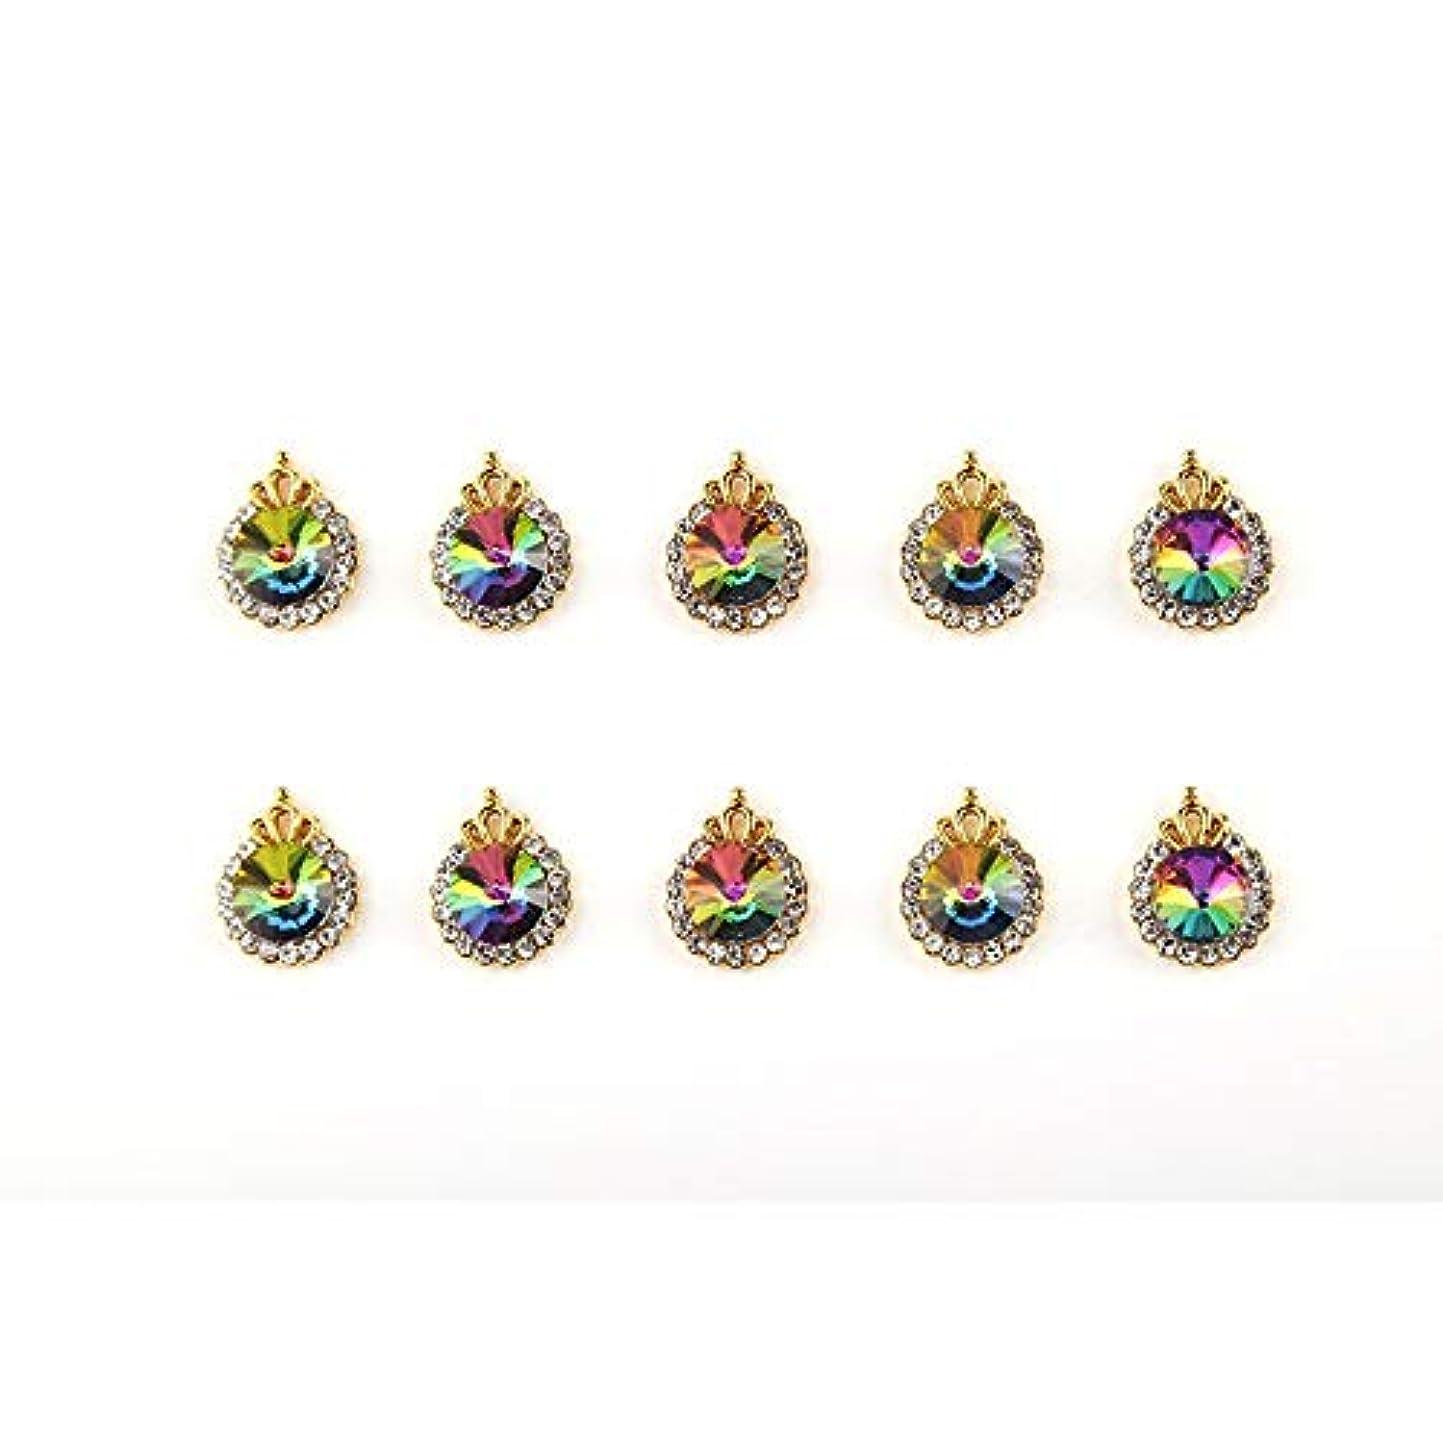 火箱北西10個入り/ロット3D人気の美容マニキュアツールネイルアート合金カラフルなラインストーンインペリアルクラウンジュエリーネイルアートの装飾